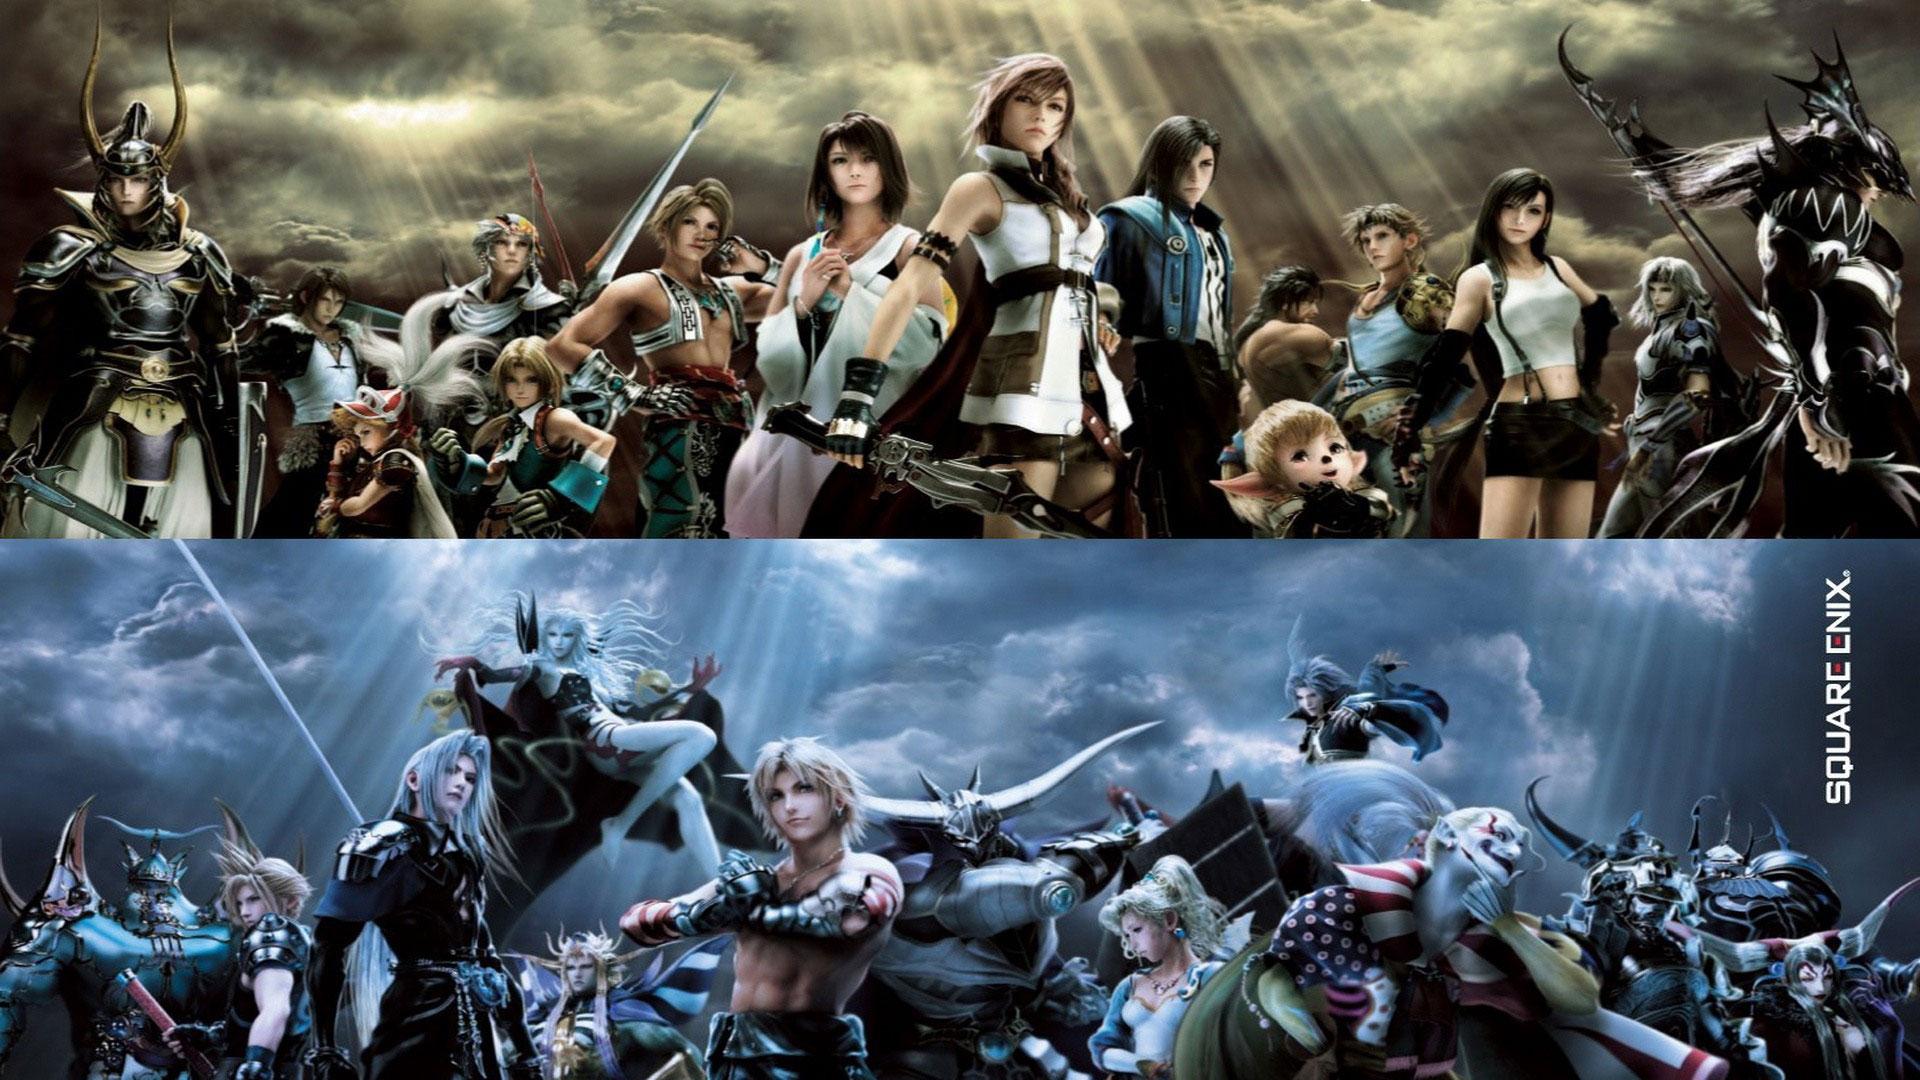 最终幻想纷争2中文版 最终幻想纷争pc版 最终幻想纷争